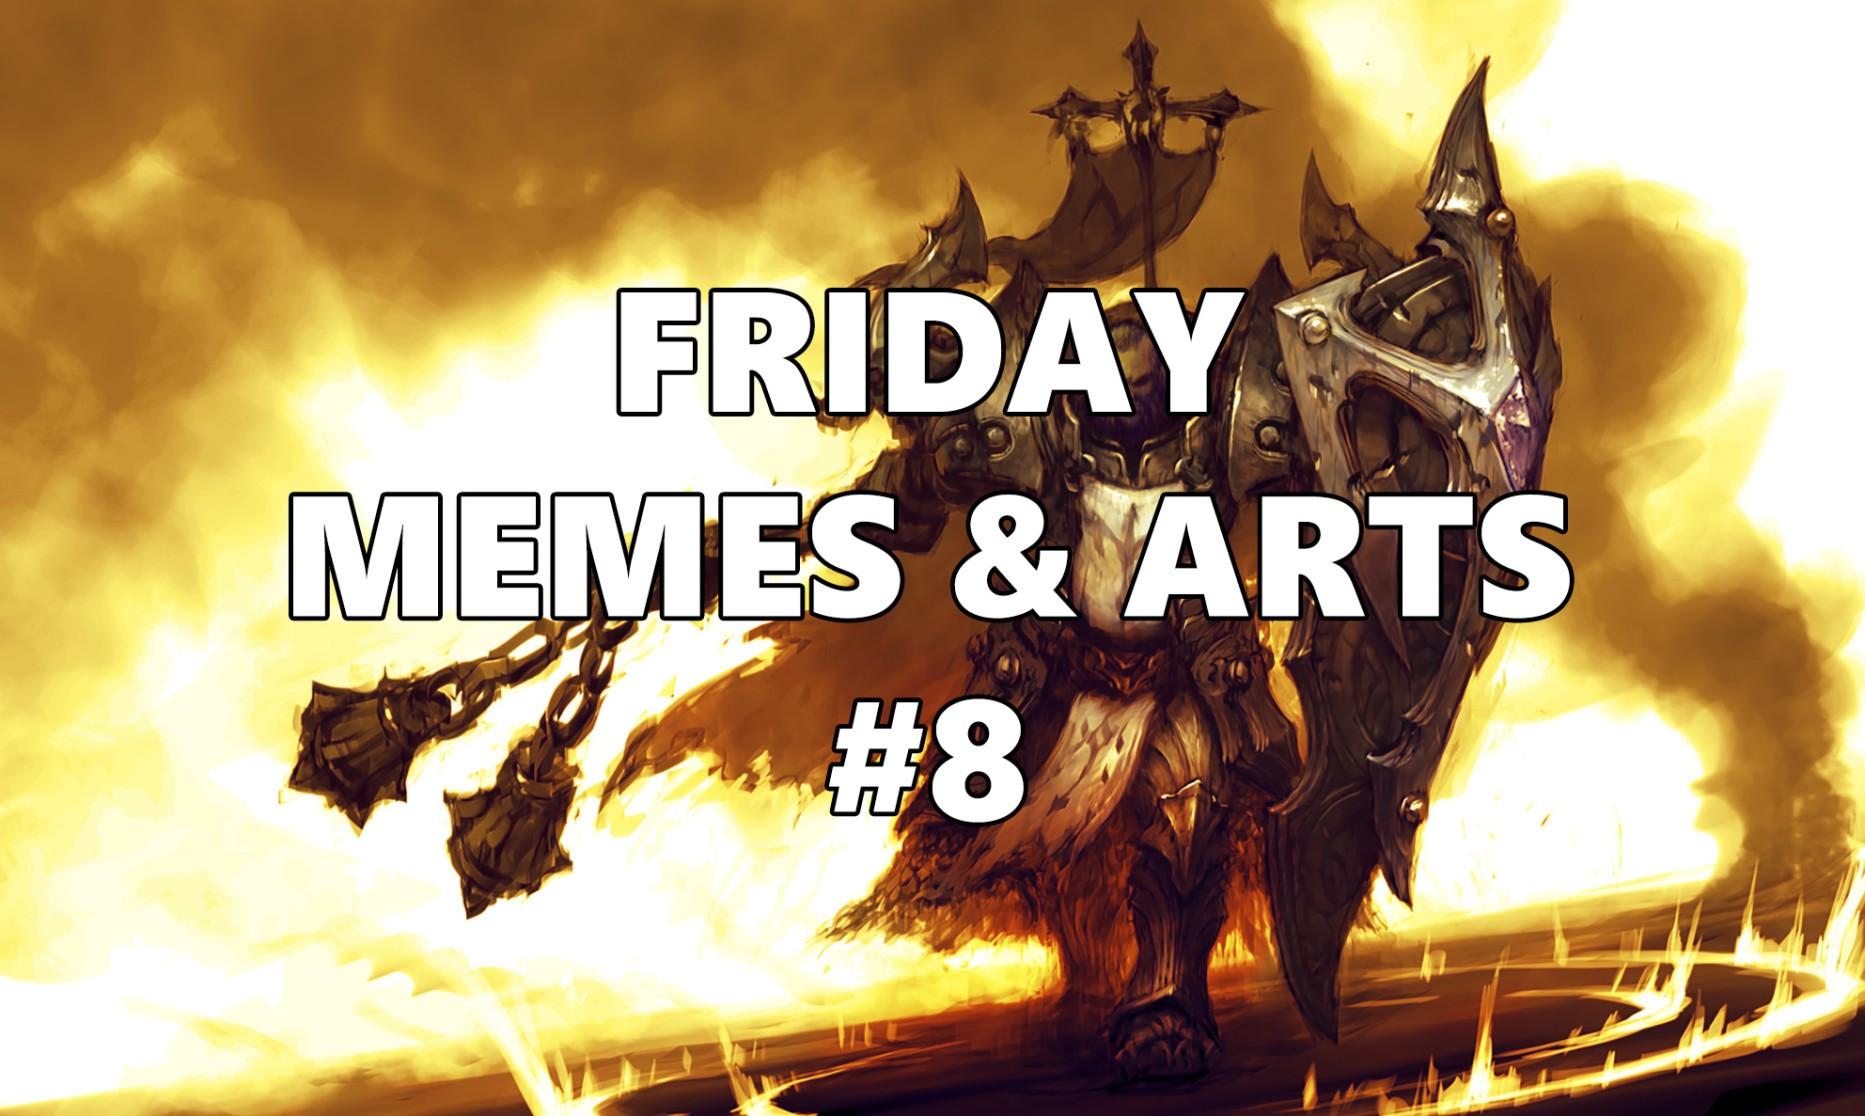 Friday Memes & Arts #8